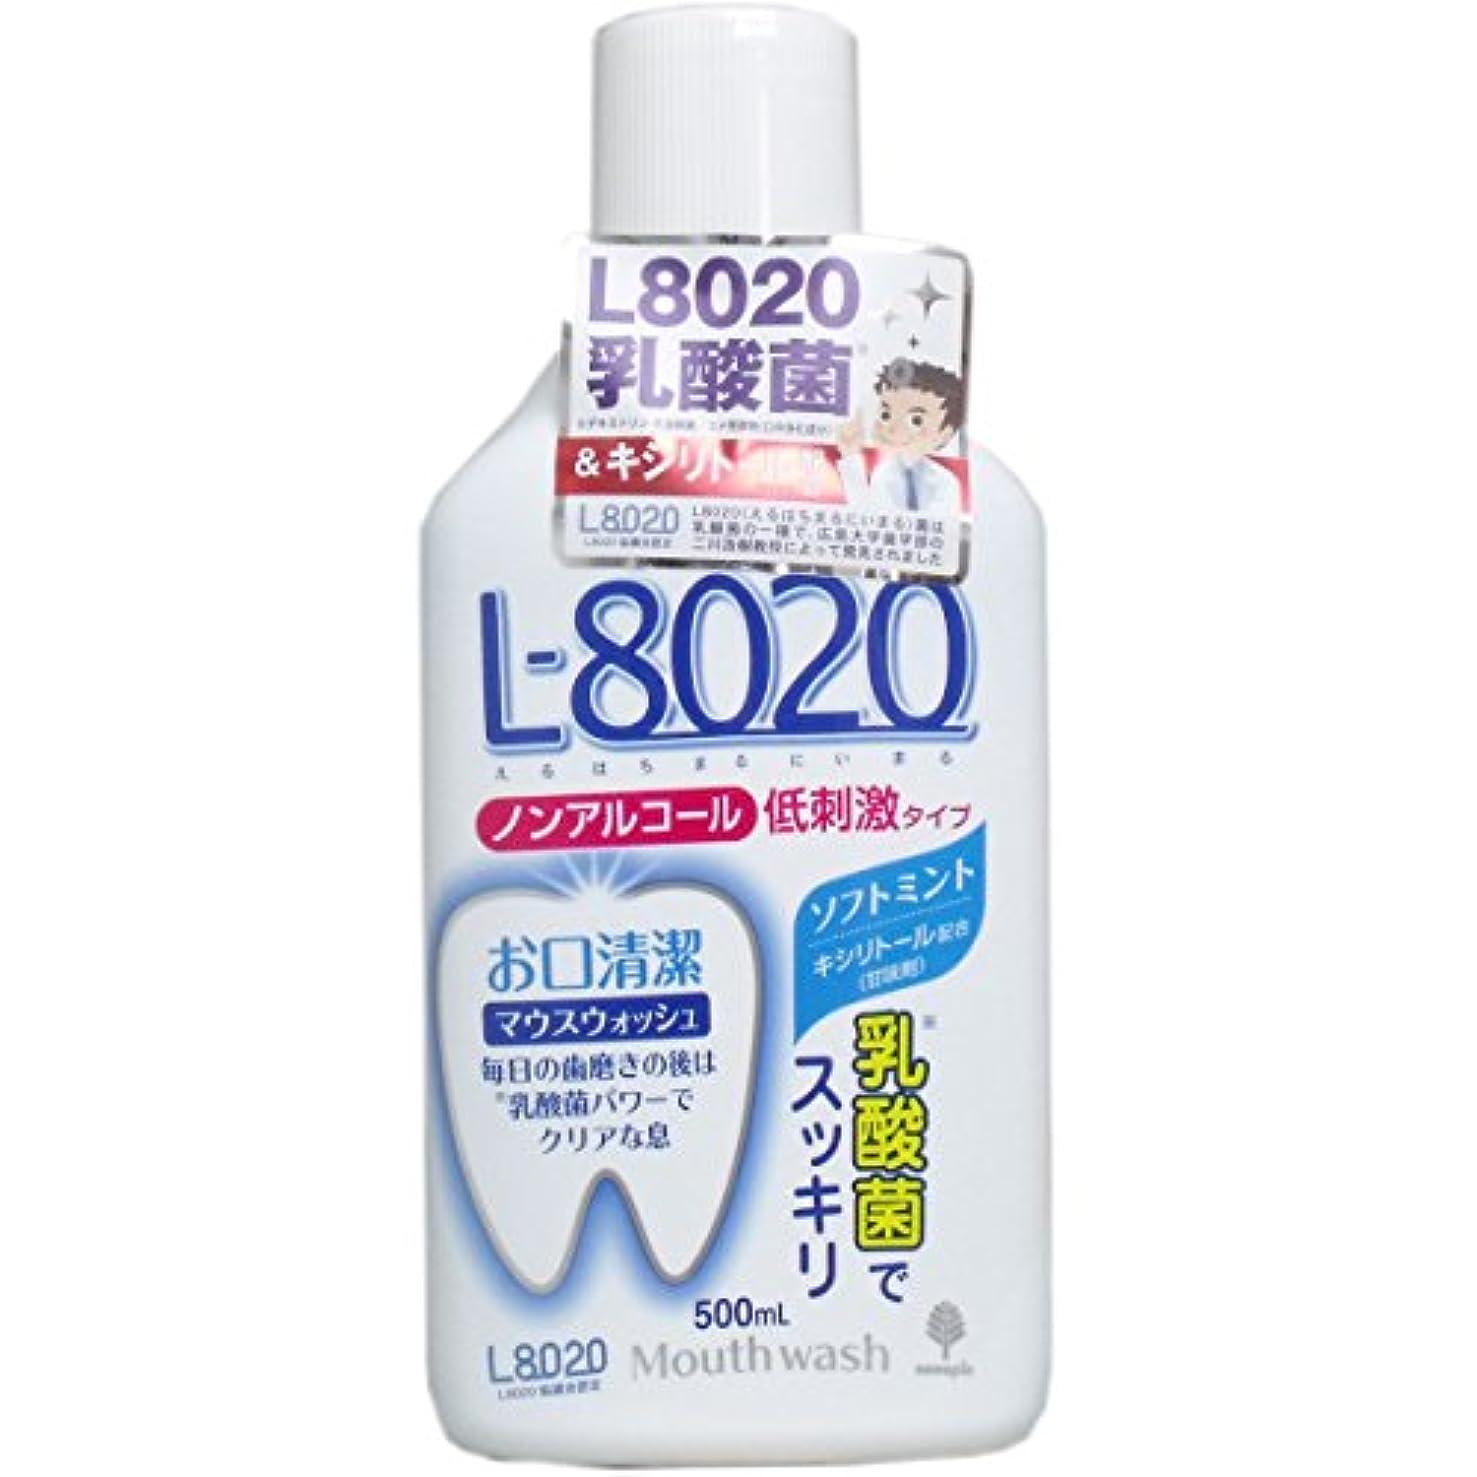 アーティファクトかび臭い打倒紀陽除虫菊 マウスウォッシュ クチュッペL-8020 ソフトミント(ノンアルコール) 500ml … (3個)